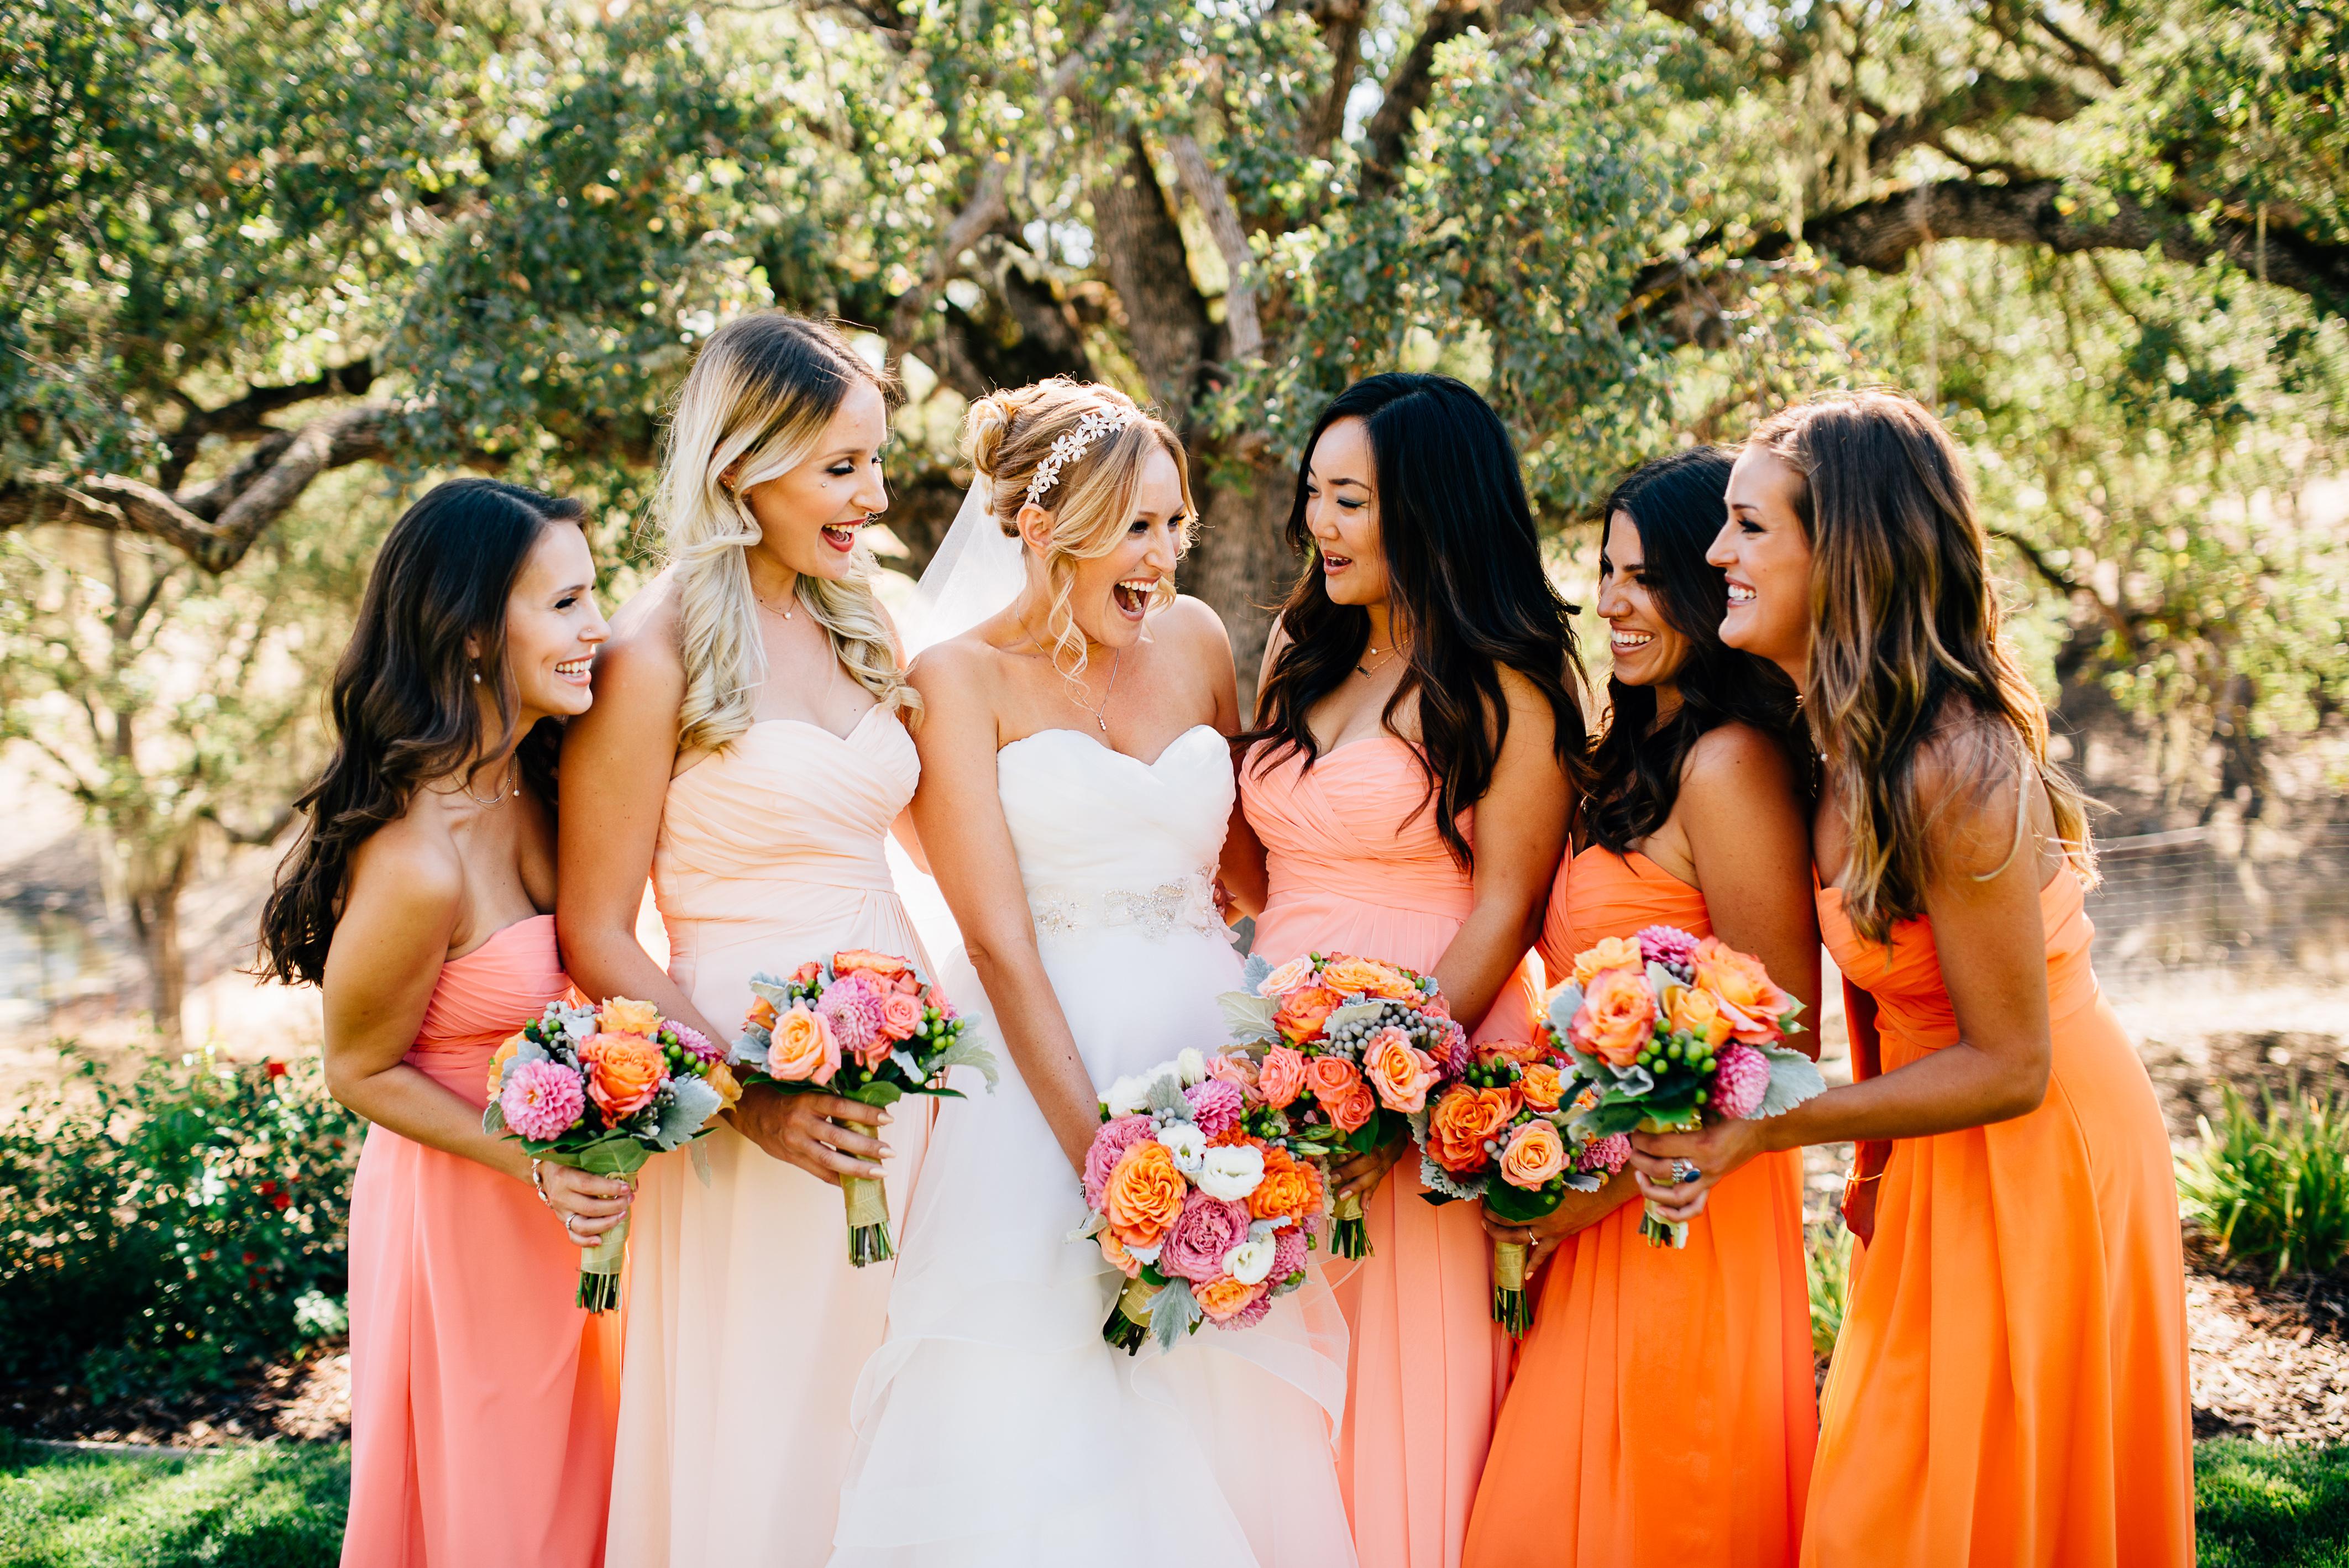 5340754cd10 Azazie Bridesmaid Dresses Dusk - Gomes Weine AG